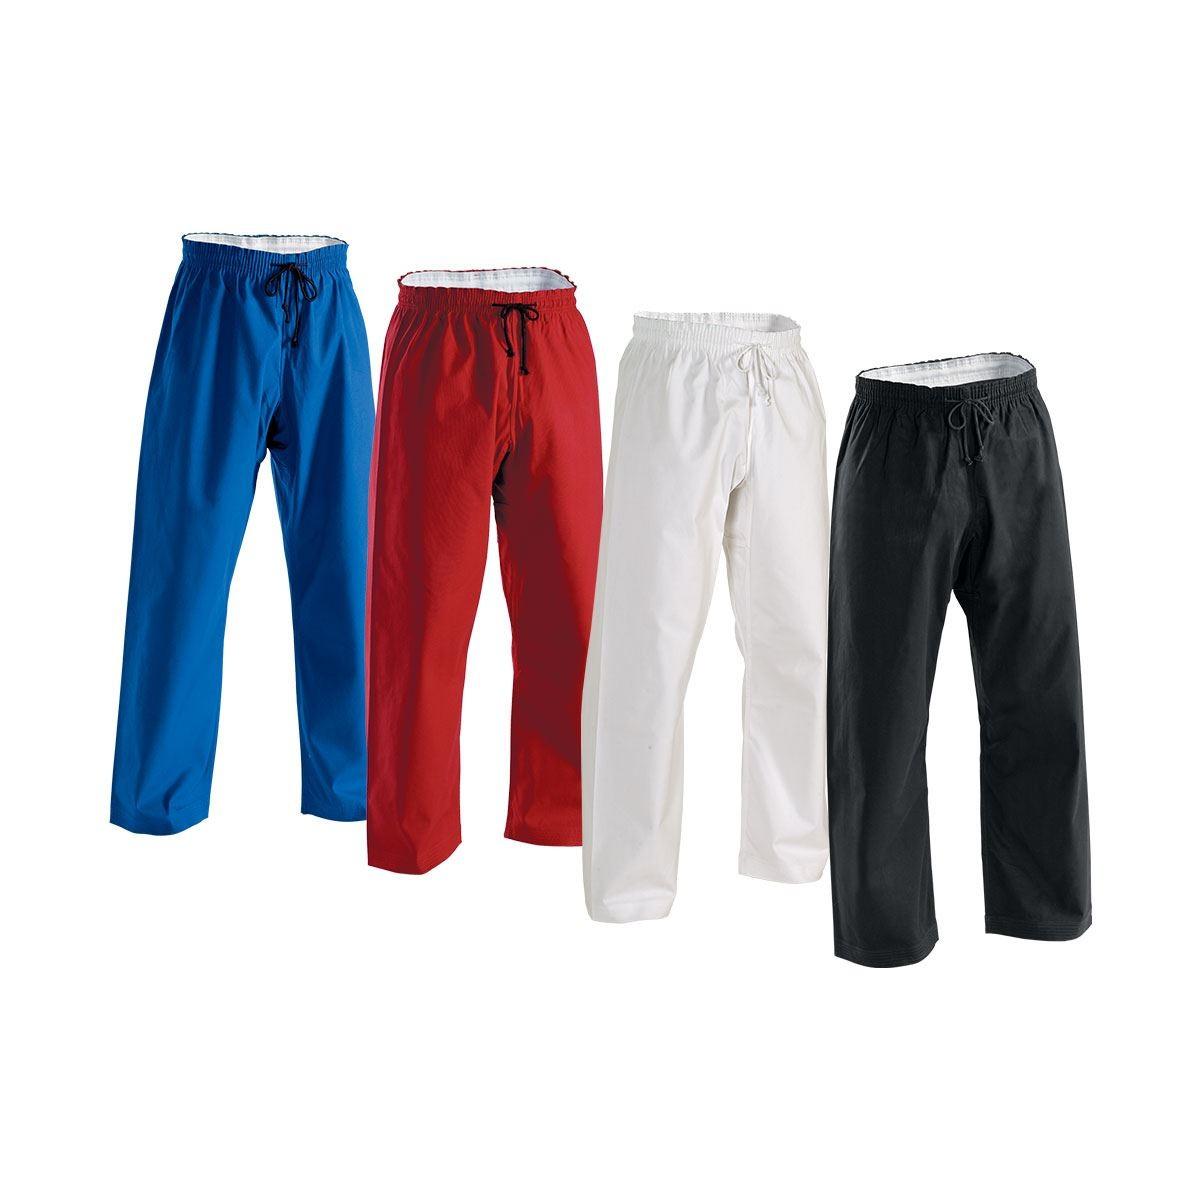 8 oz. Brushed Cotton Elastic-Waist Pant